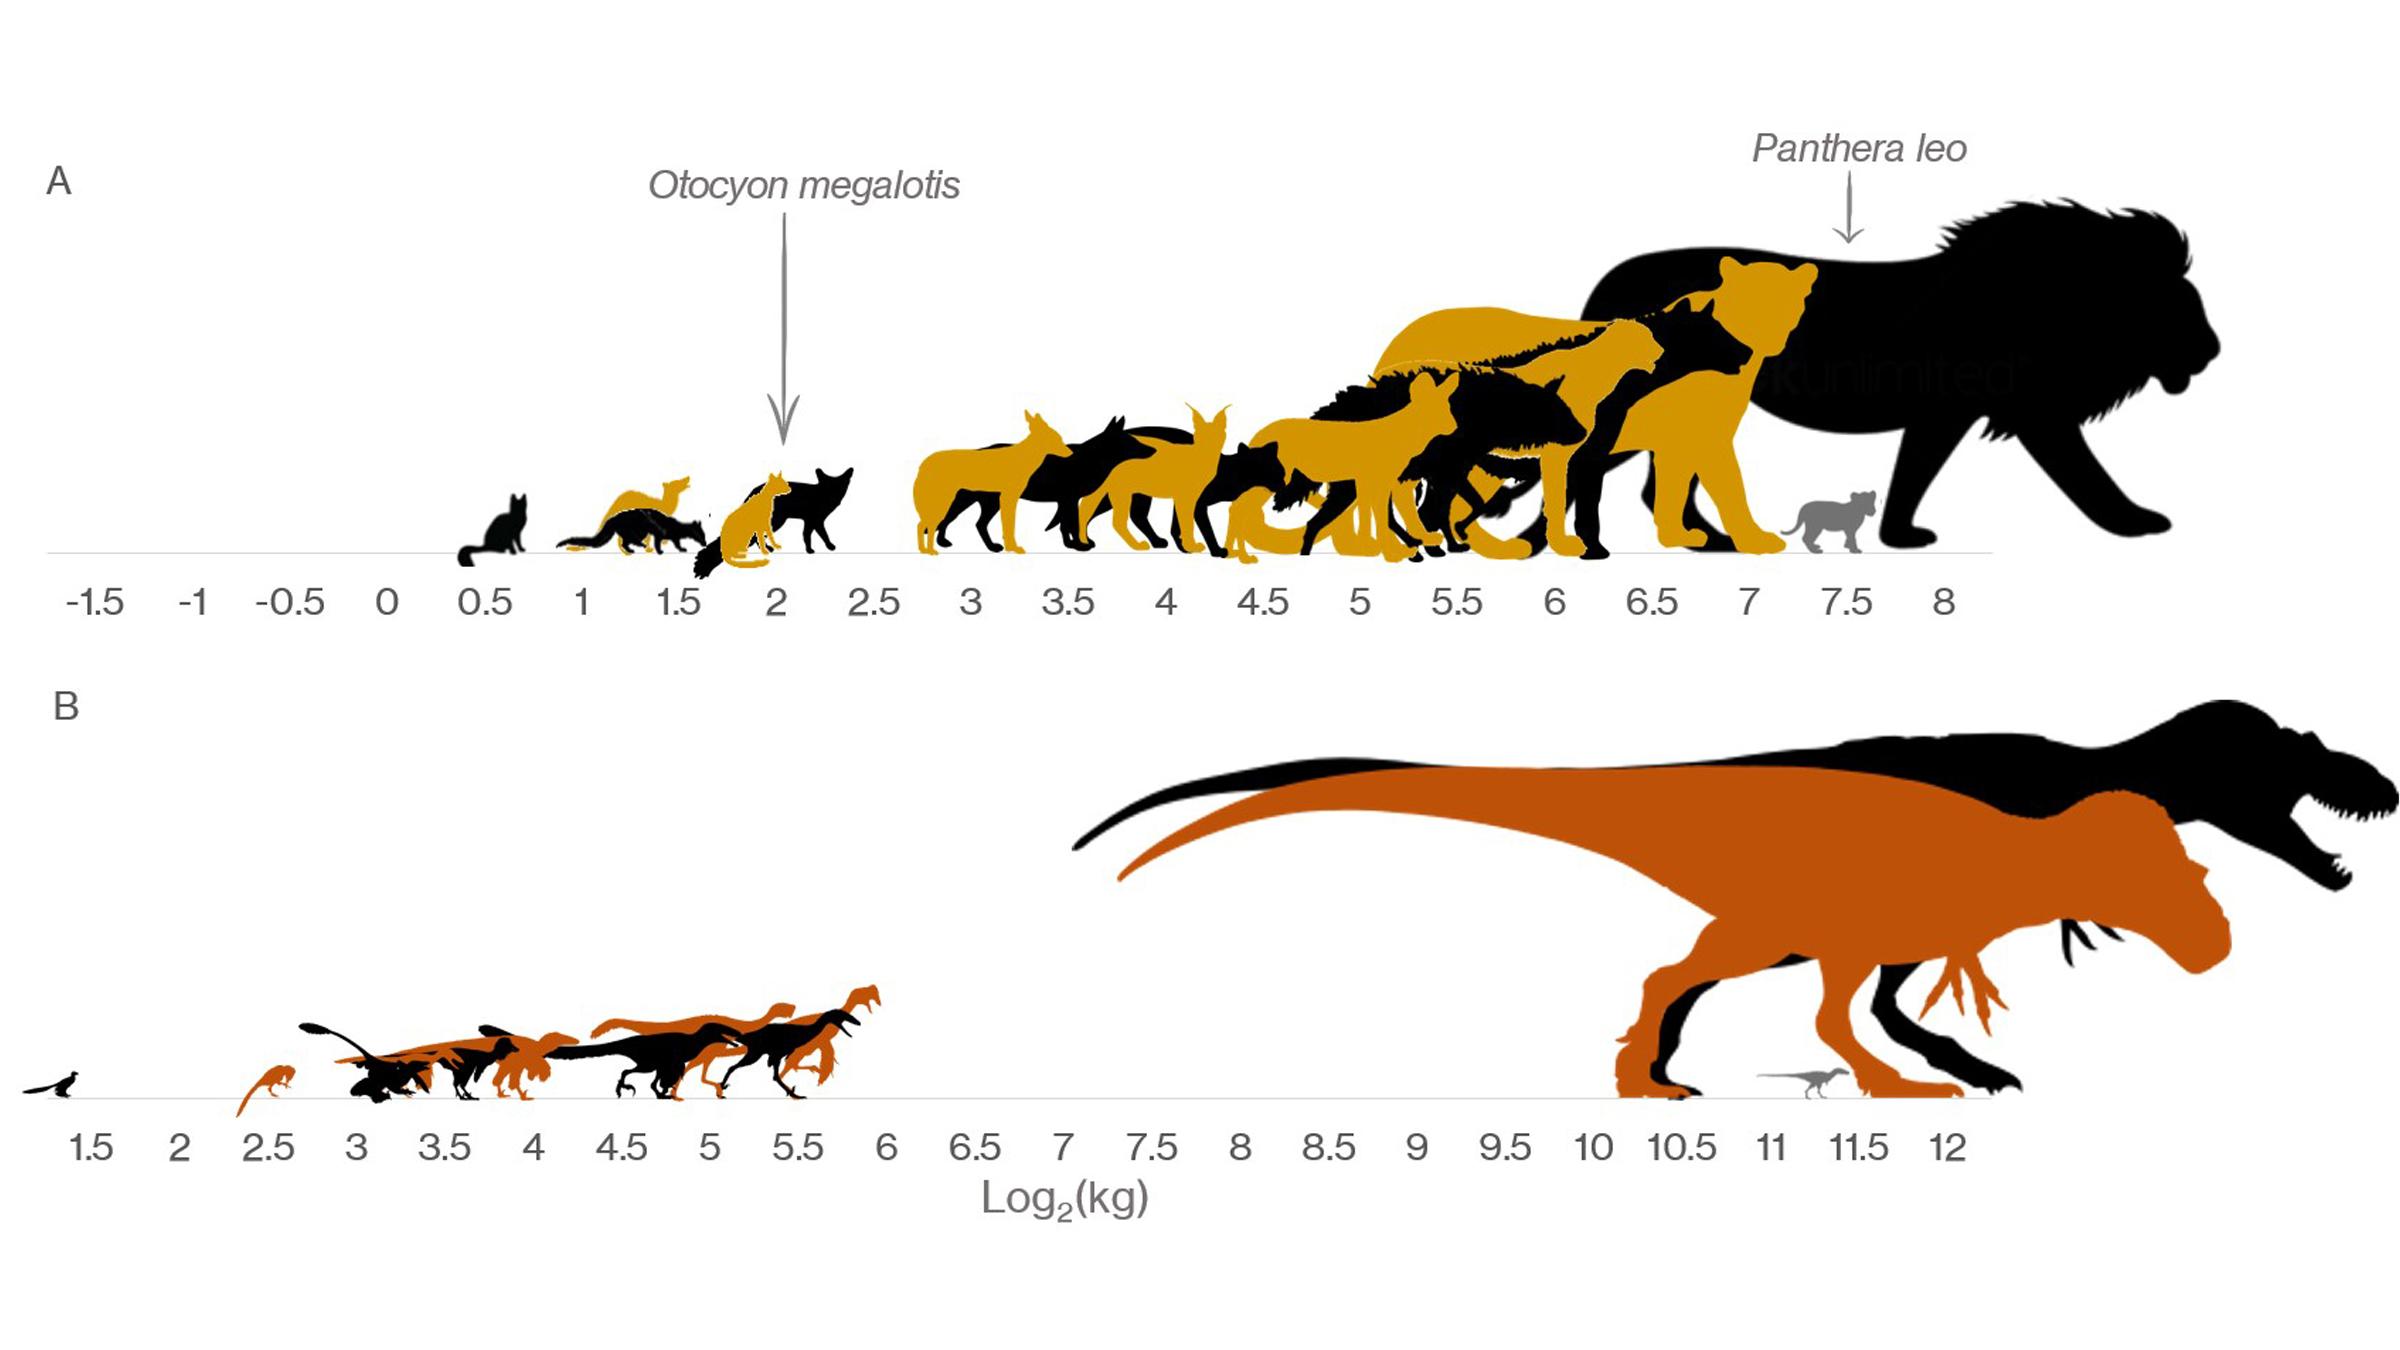 L'espace de dinosaure de taille moyenne manquant dans la formation de Dinosaur Park en Alberta, au Canada, par rapport à la taille des mammifères carnivores modernes du parc national Kruger en Afrique du Sud.  Remarquez les nourrissons gris par les plus gros animaux, pour montrer combien il leur fallait pour grandir avant l'âge adulte.